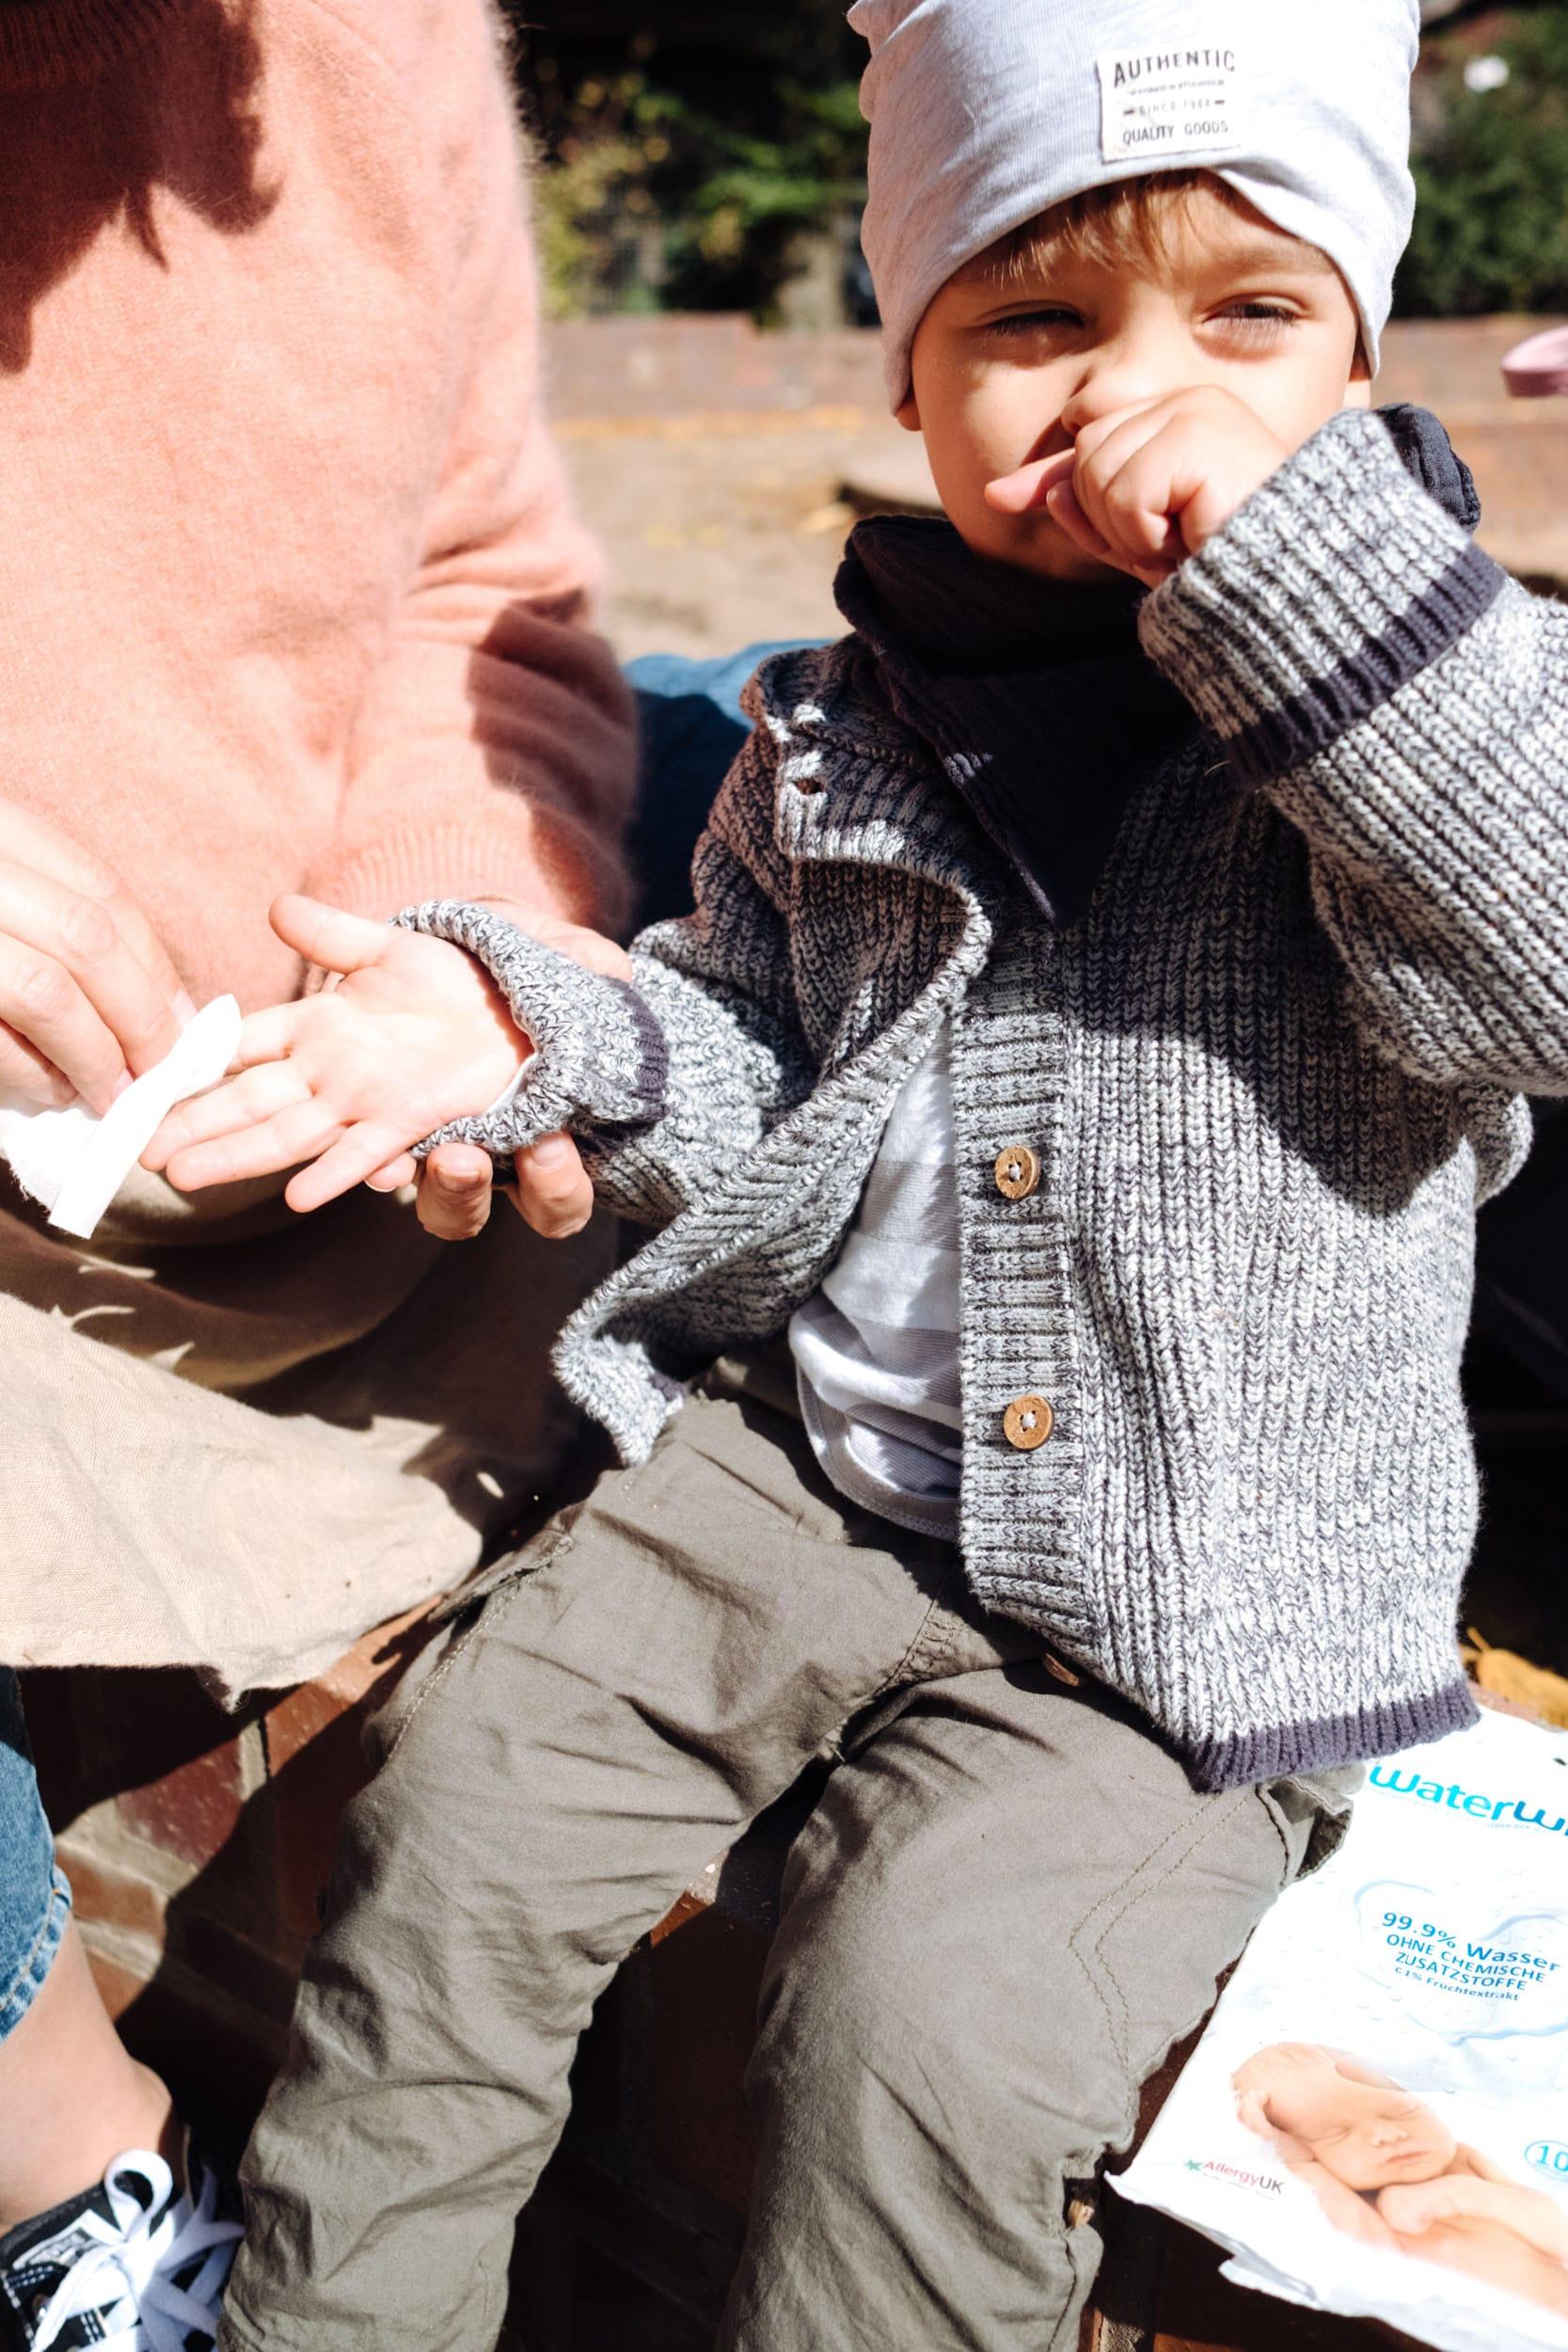 Unterwegs mit Kleinkind | Was muss mit im Wickelrucksack | Klebrige Kinderhände sanft mit WaterWipes reinigen